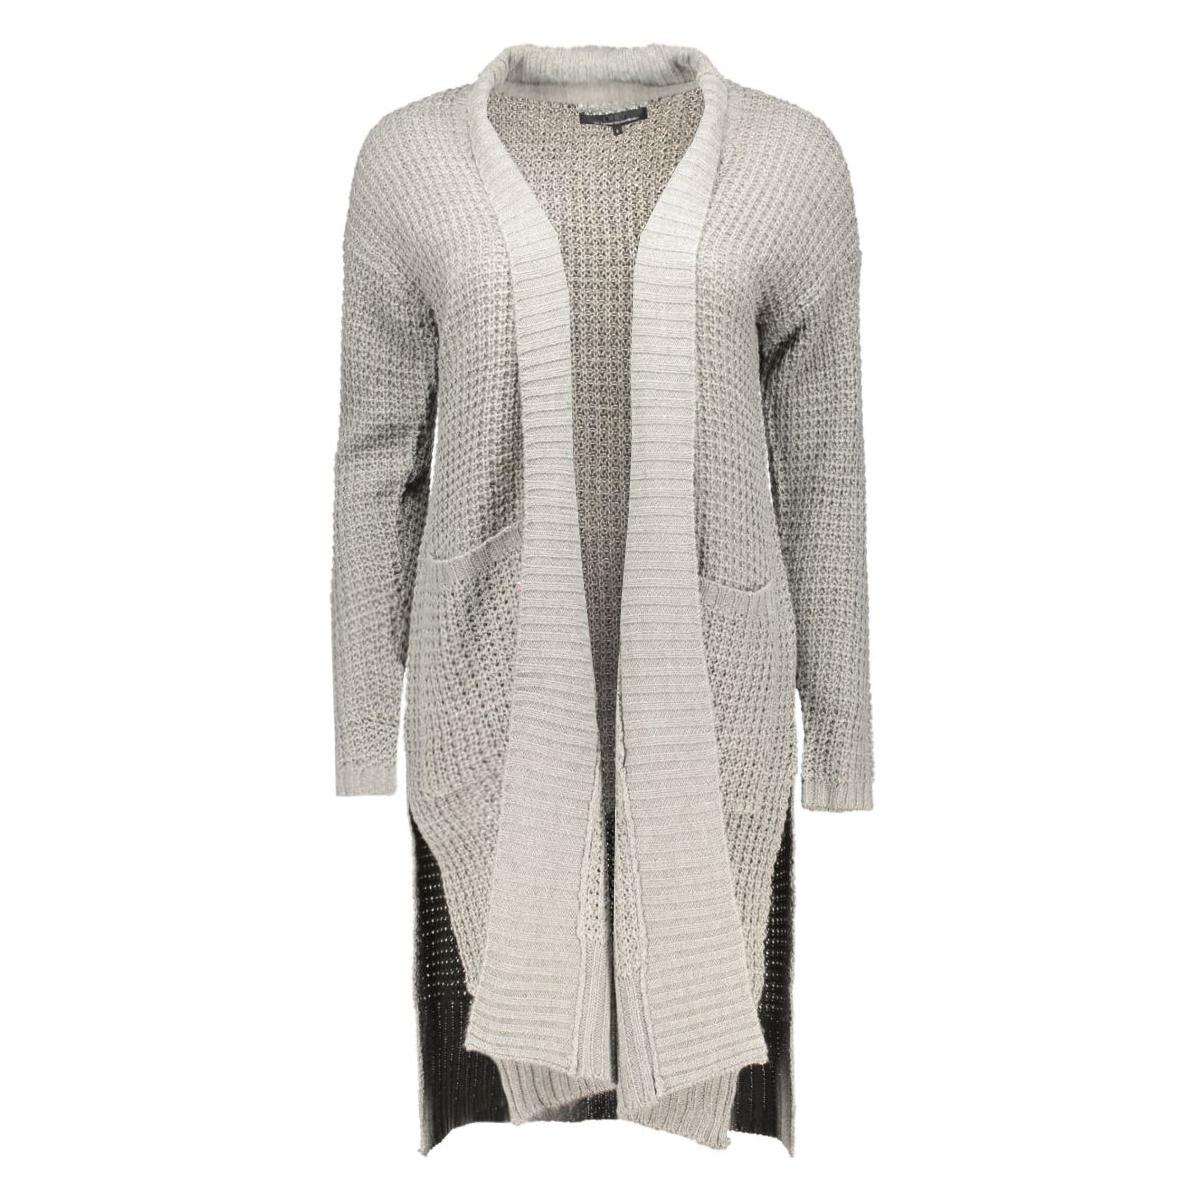 onlnew emma l/s open cardigan knt 15120860 only vest medium grey melange